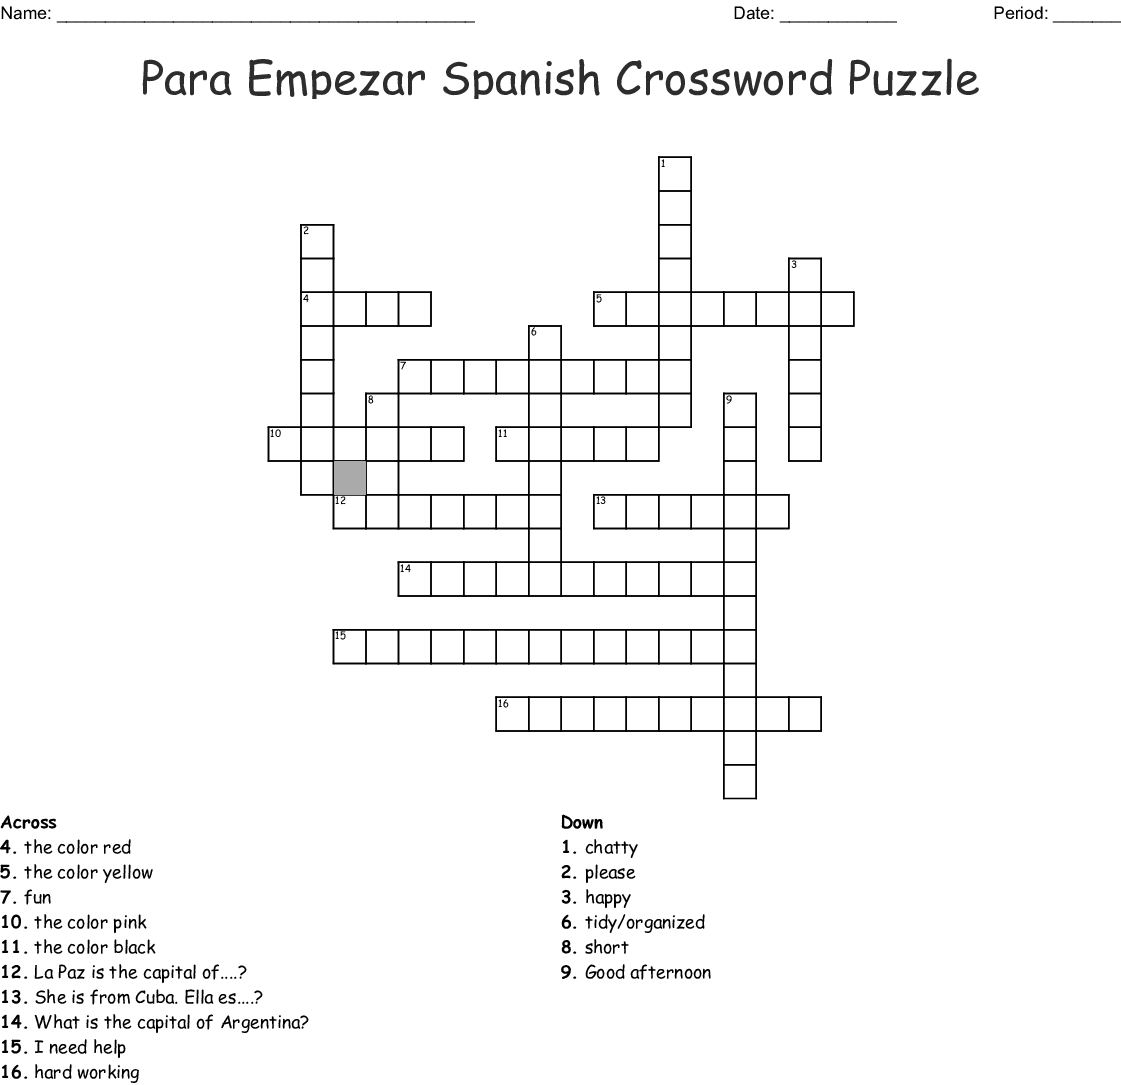 Para Empezar Spanish Crossword Puzzle Crossword